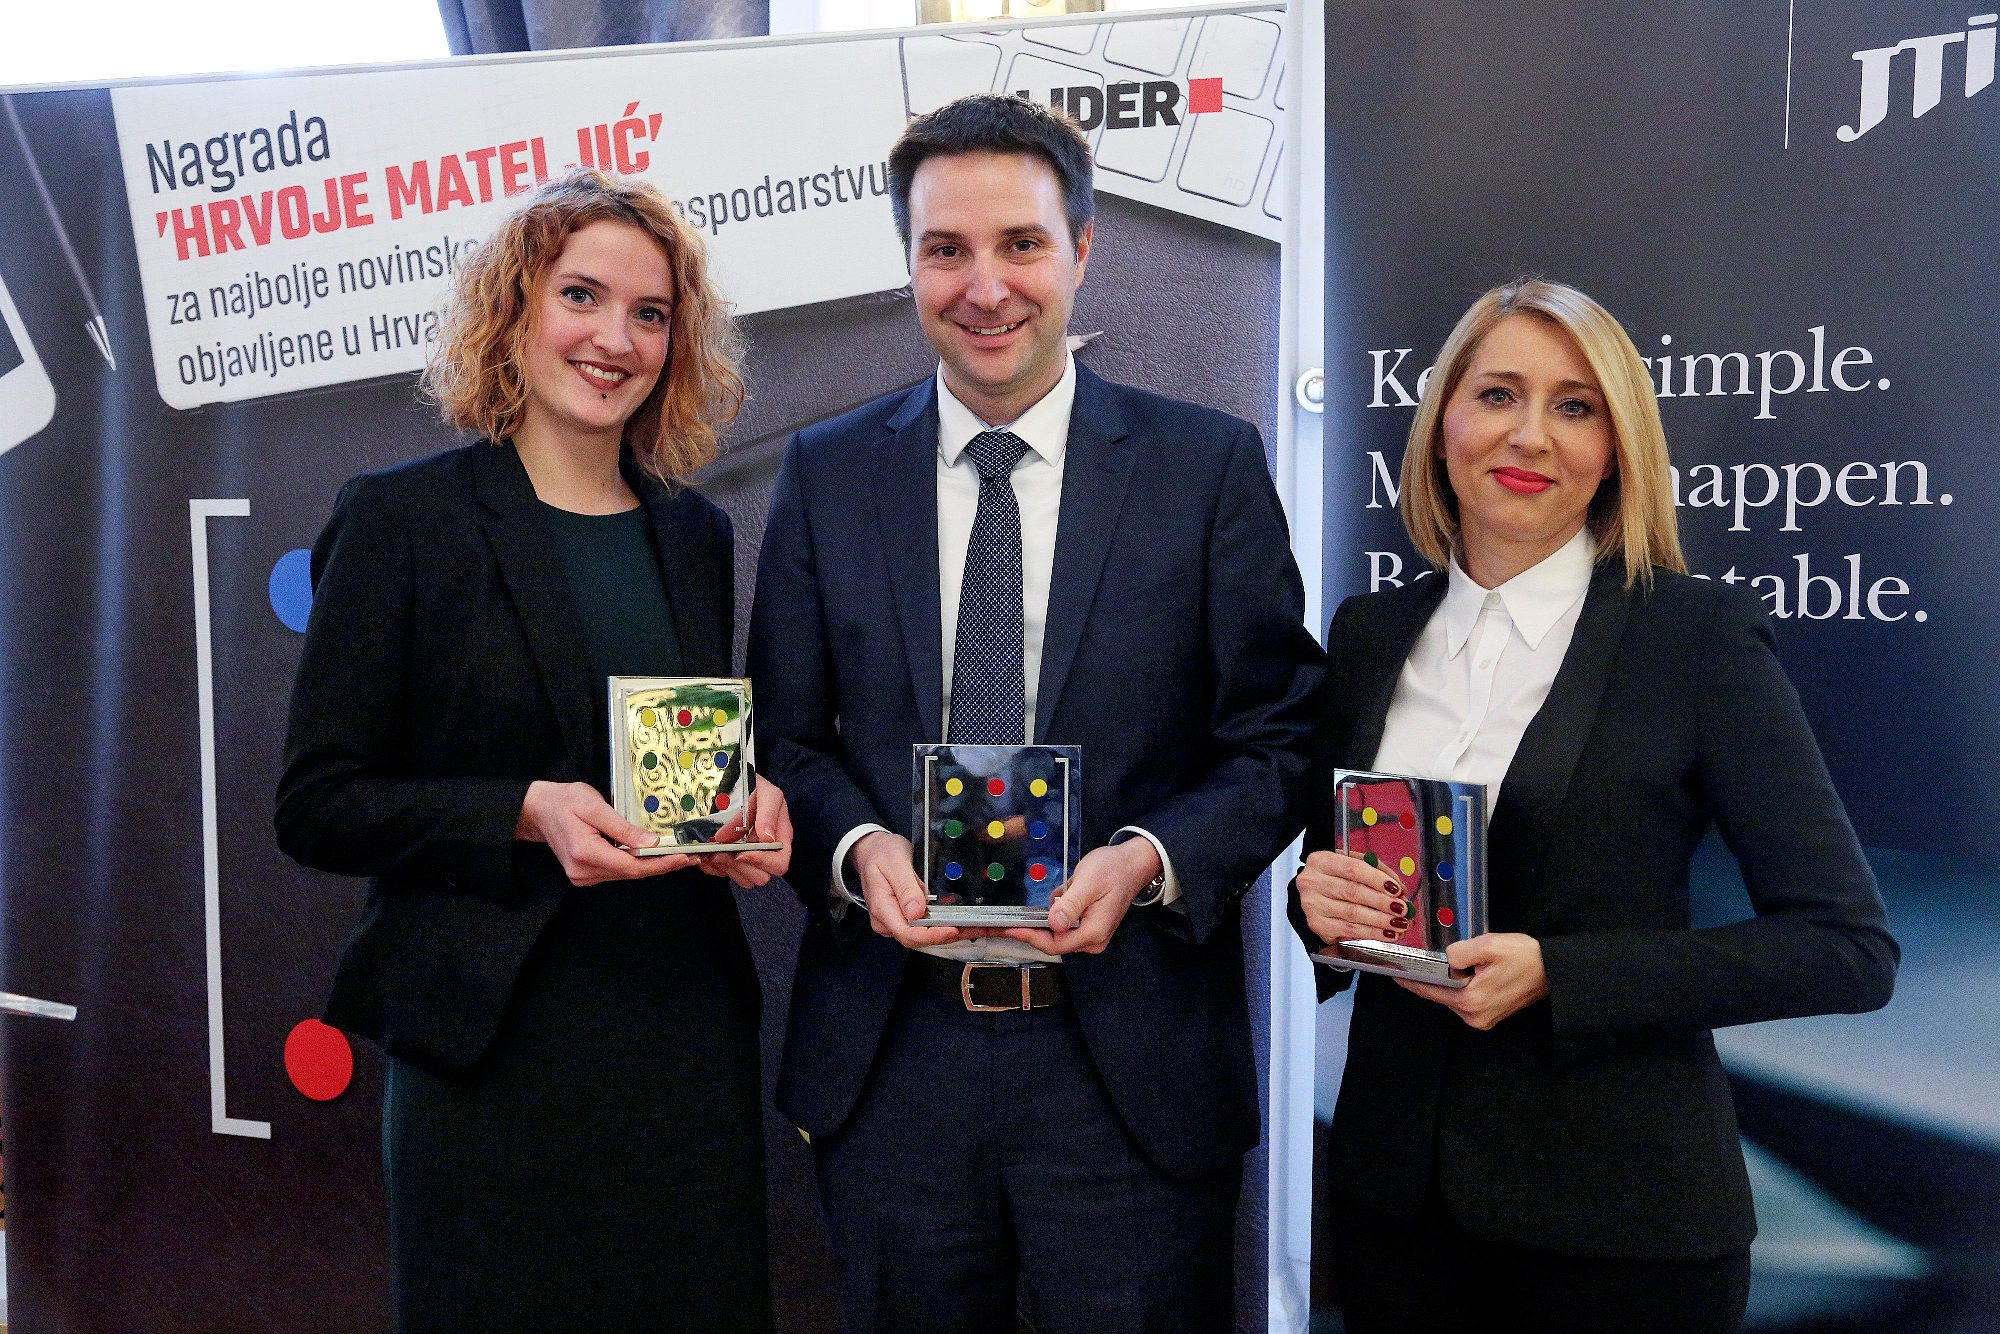 Iva Grubiša, Marko Biočina i Sanja Smiljanić